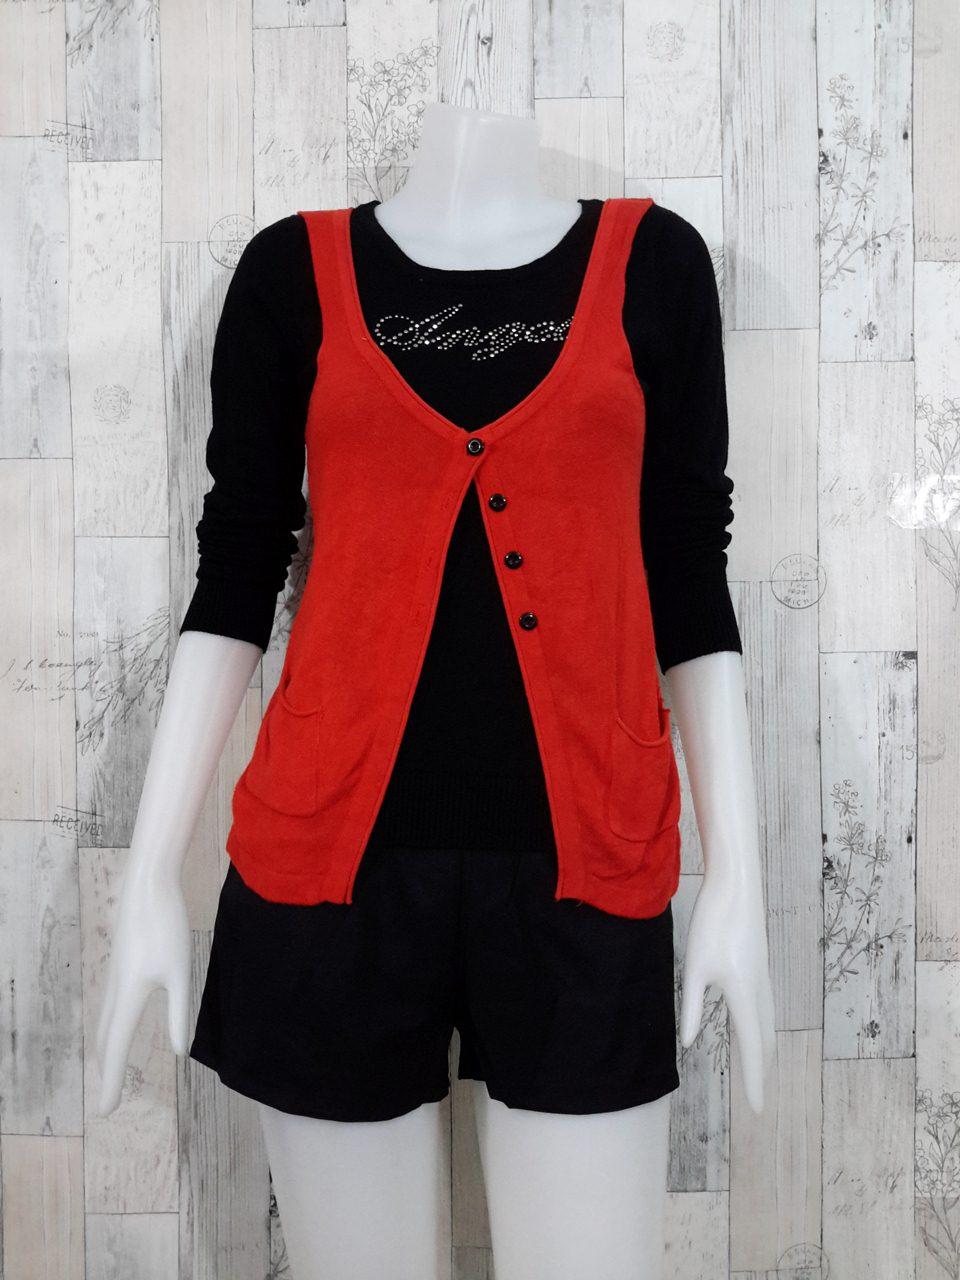 Blouse3539 2nd hand clothes เสื้อไหมพรมเนื้อแน่นผ้านุ่ม(เนื้อหนาปานกลางมีน้ำหนัก) แขนยาว คอกลม เย็บติดเสื้อกั๊กกระดุมหน้าเหมือนใส่สองชิ้น สีดำส้ม